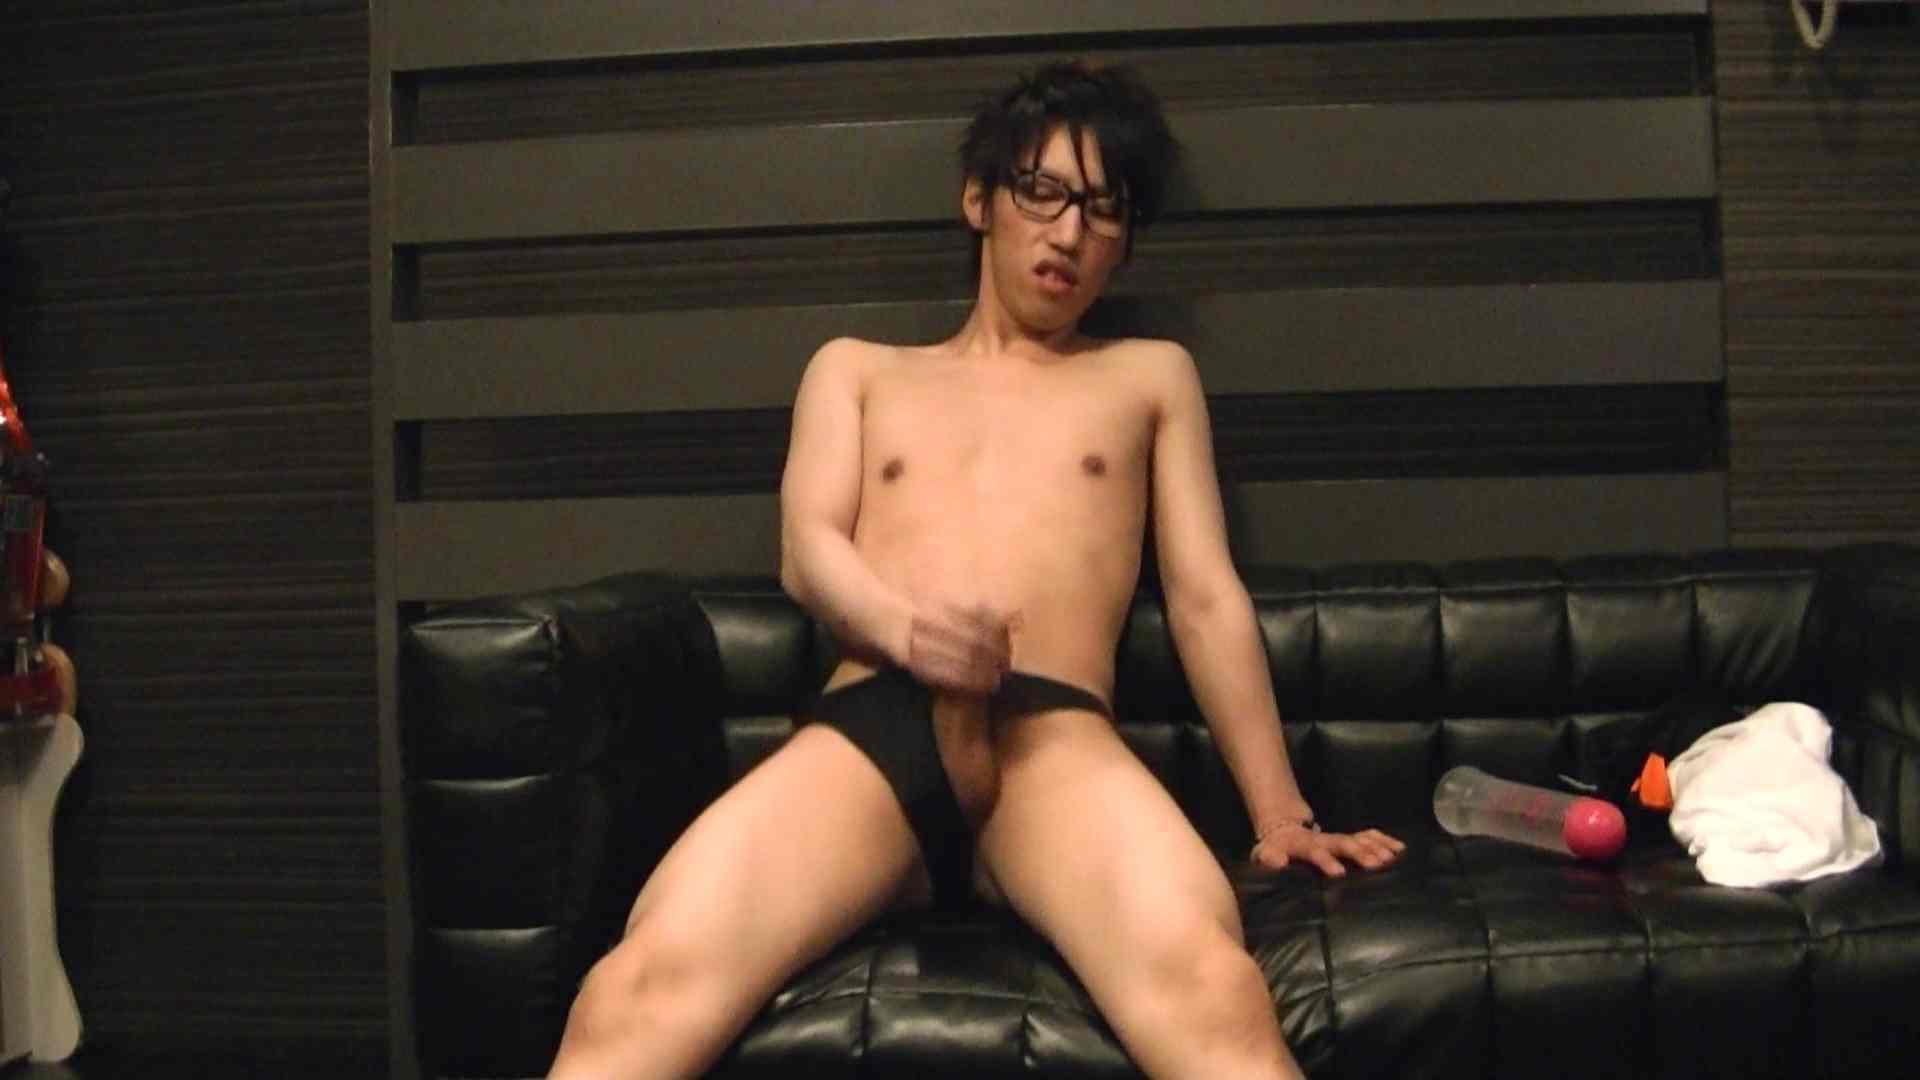 Mr.オナックスさん投稿!HD 貴方のオナニー三万円で撮影させてください。VOL.04 念願の完全無修正 ゲイヌード画像 55連発 51